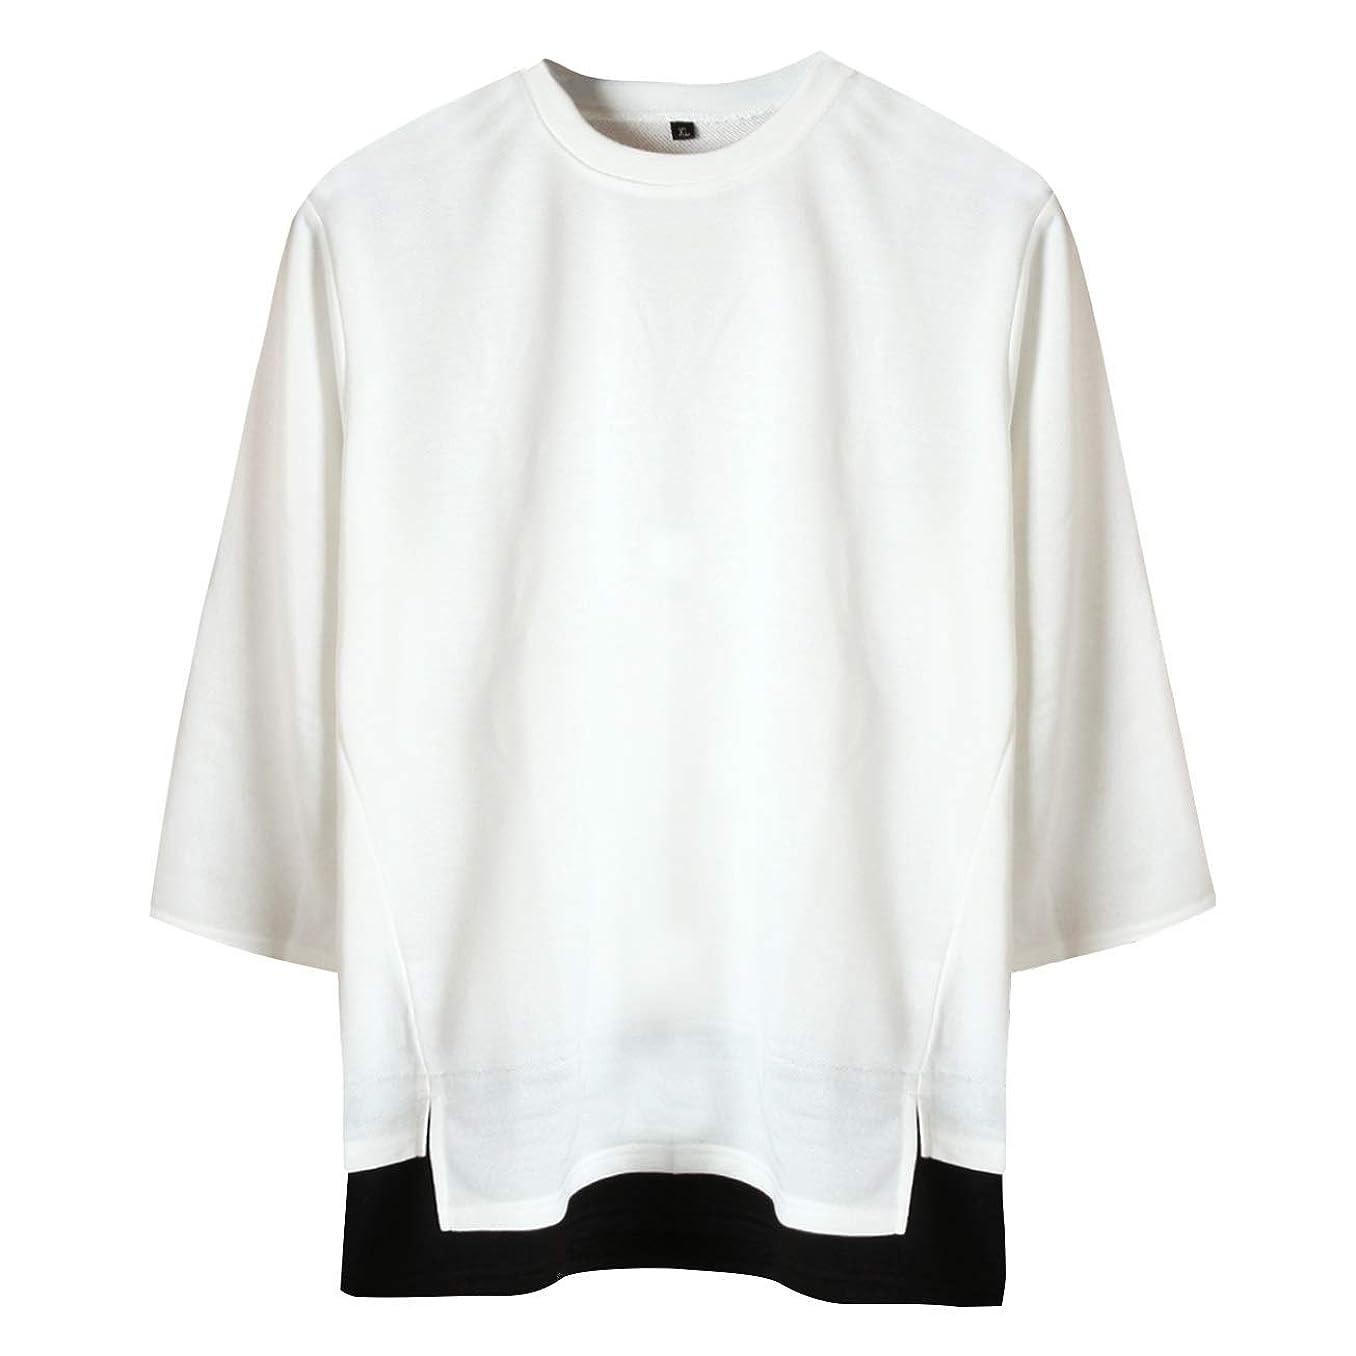 挑む無駄な尋ねる[サコイユ] カットソー レイヤード風 スウェット M~6XL 7分袖 Tシャツ 薄手 トップス 無地 切替 秋 冬 春 メンズ